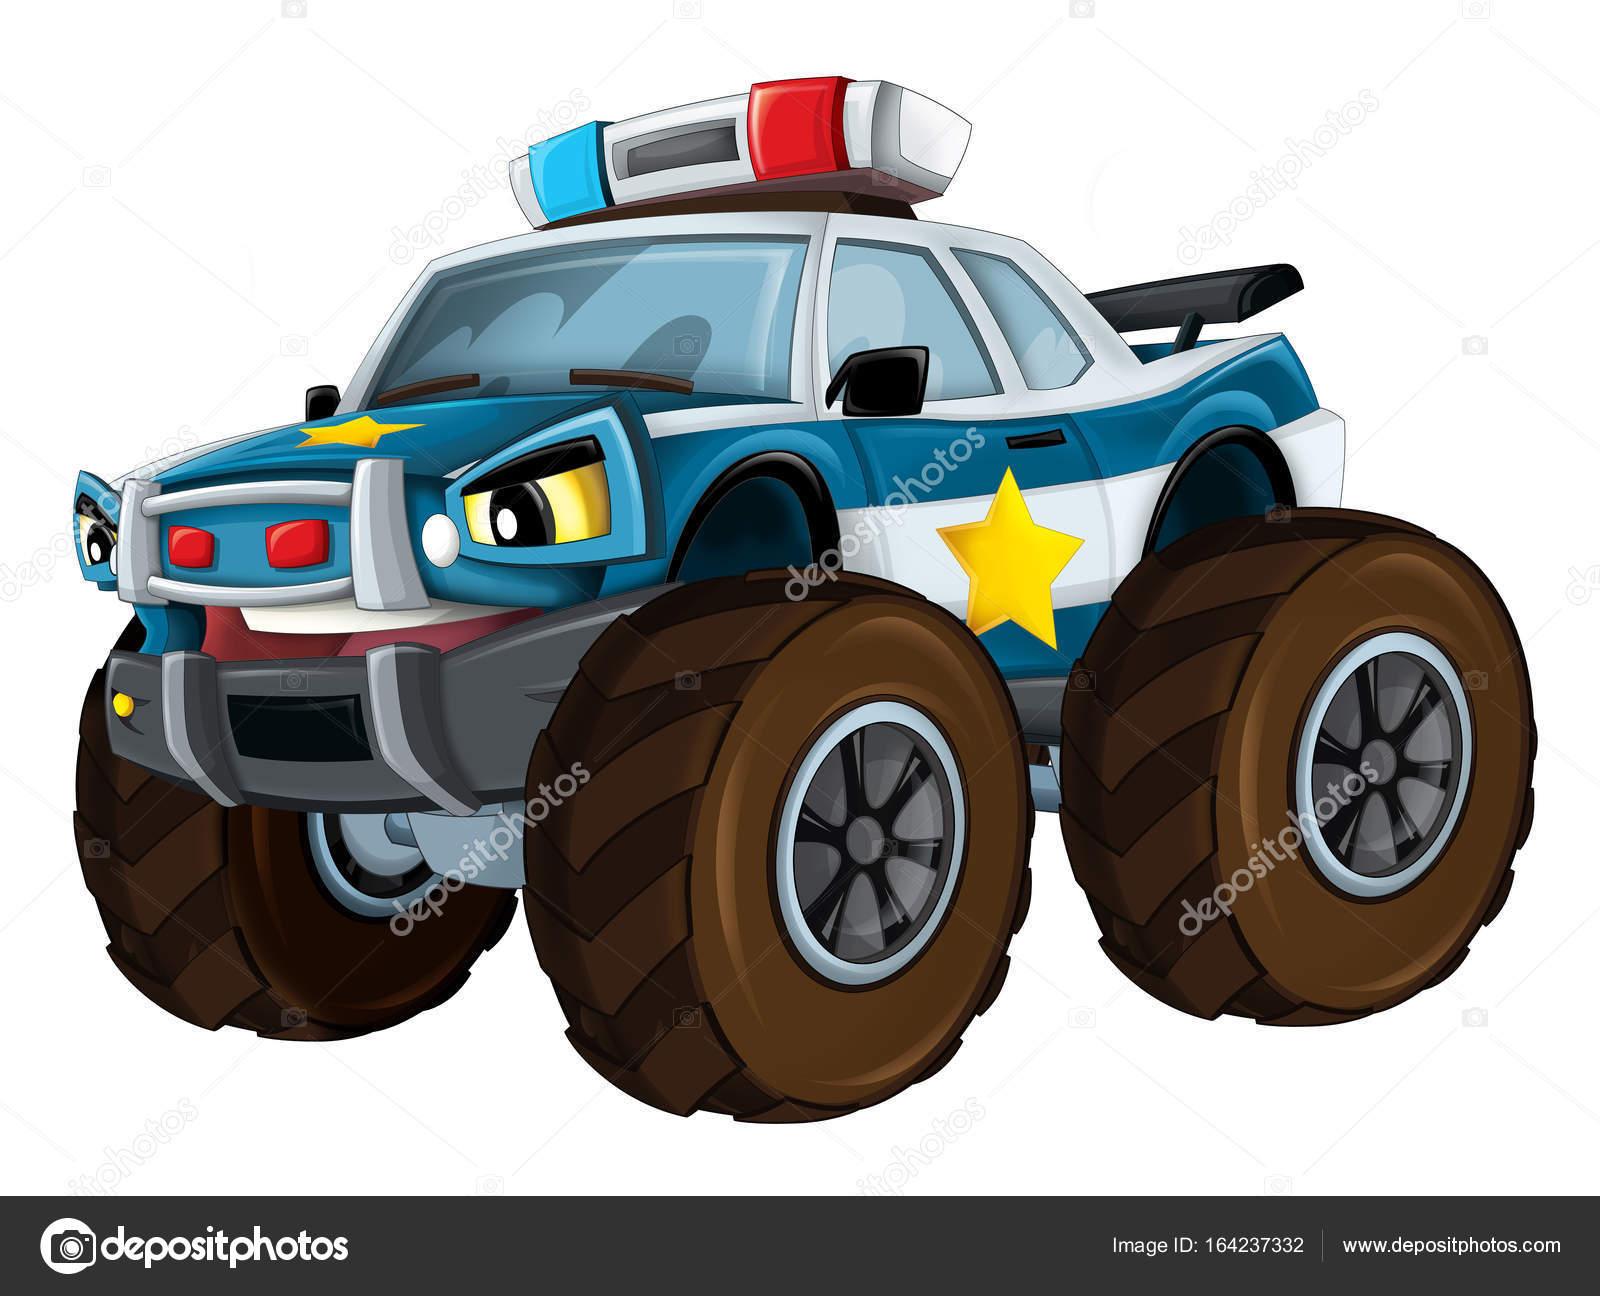 voiture de police ressemblant monster truck photographie illustrator hft 164237332. Black Bedroom Furniture Sets. Home Design Ideas